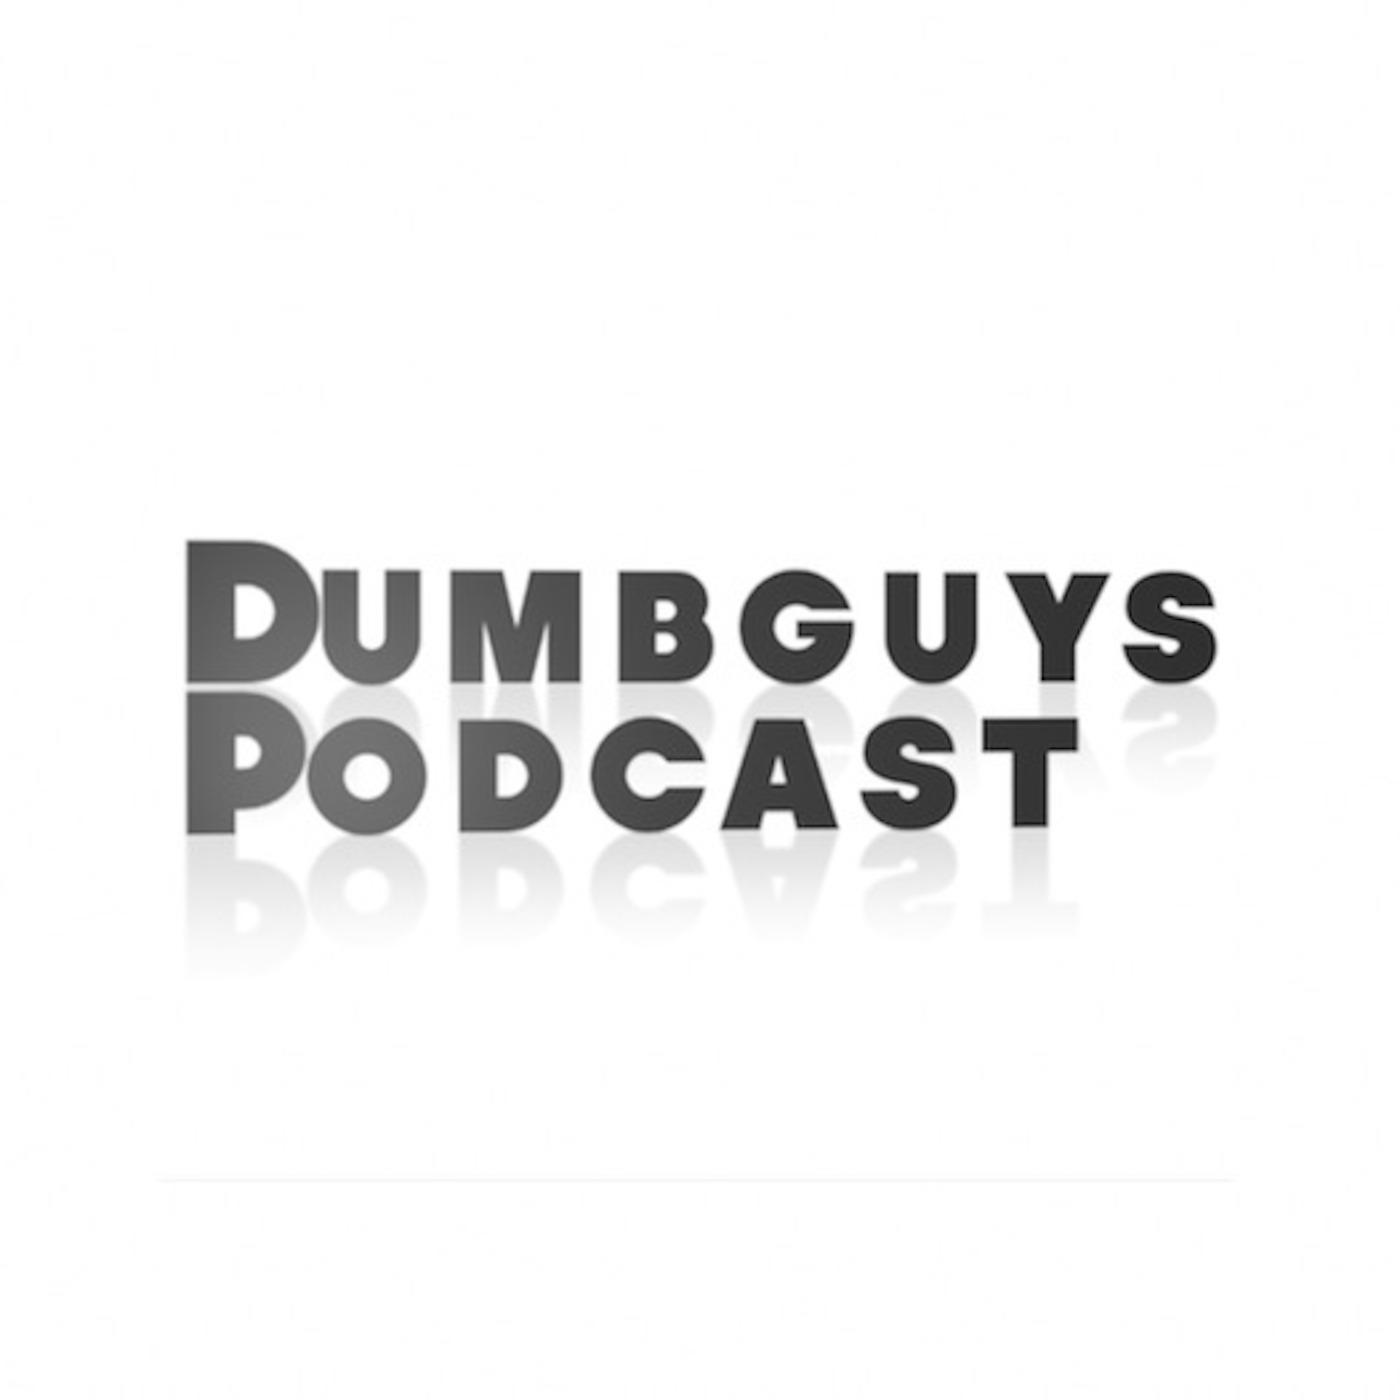 Dumbguys Podcast